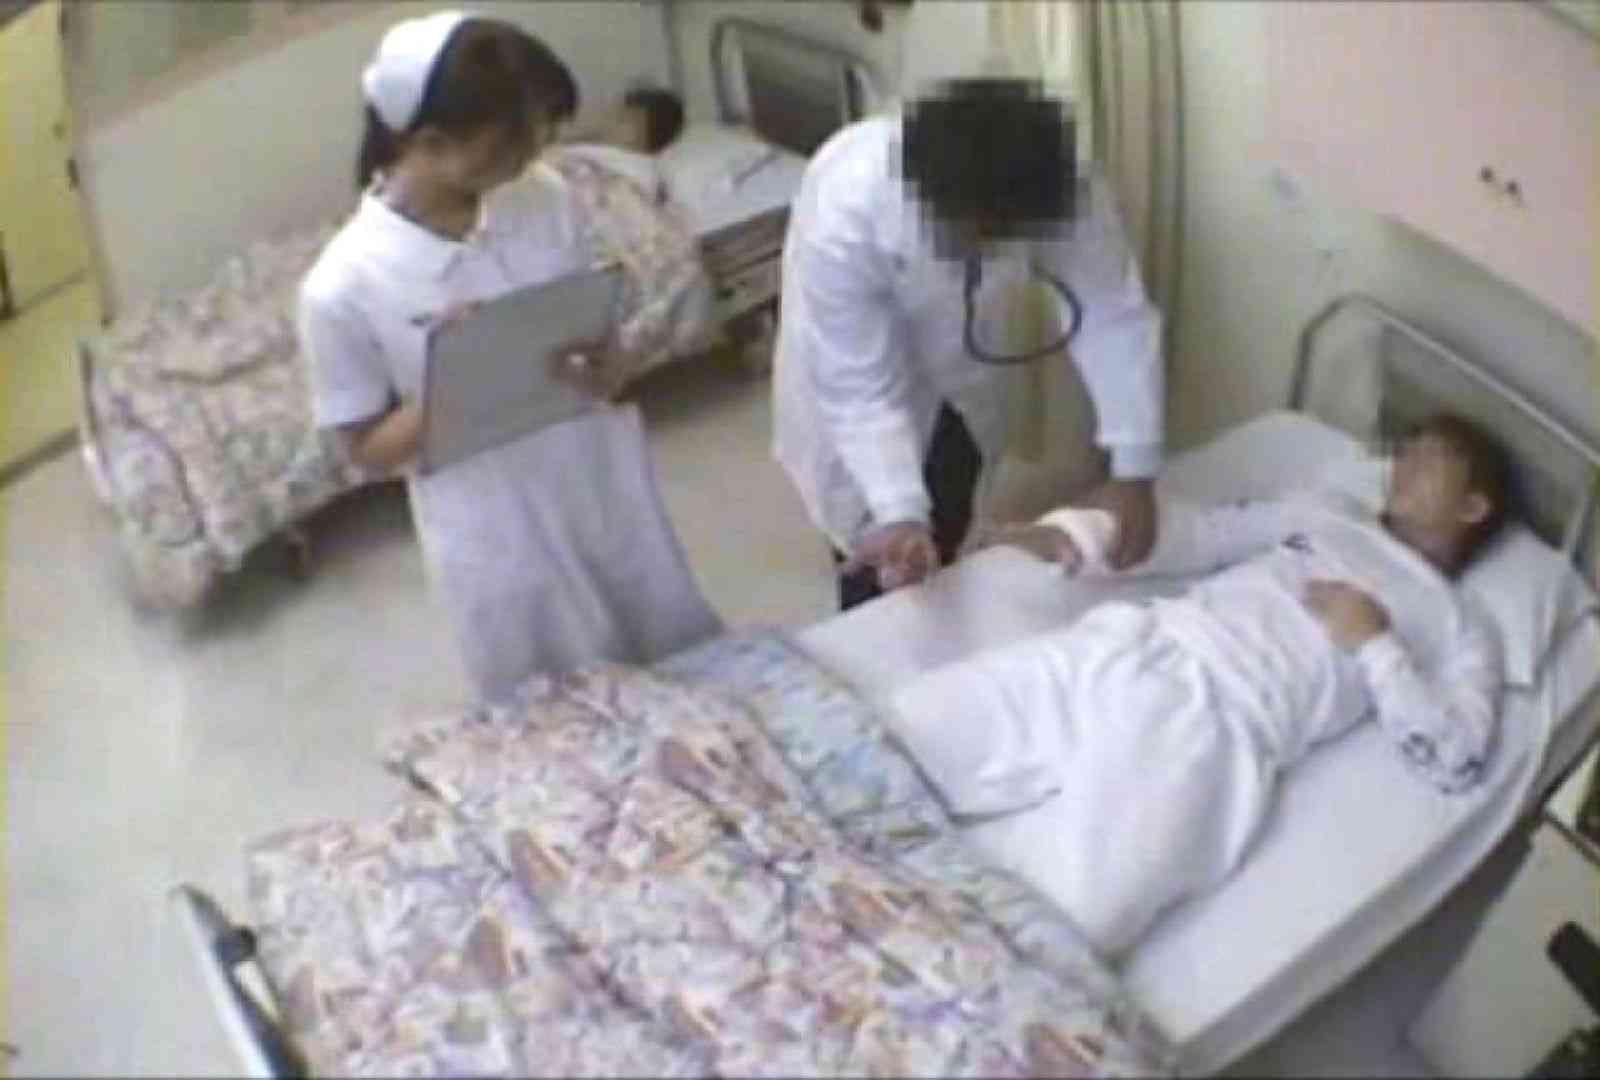 絶対に逝ってはいけない寸止め病棟Vol.6 手マン のぞき動画画像 54画像 23